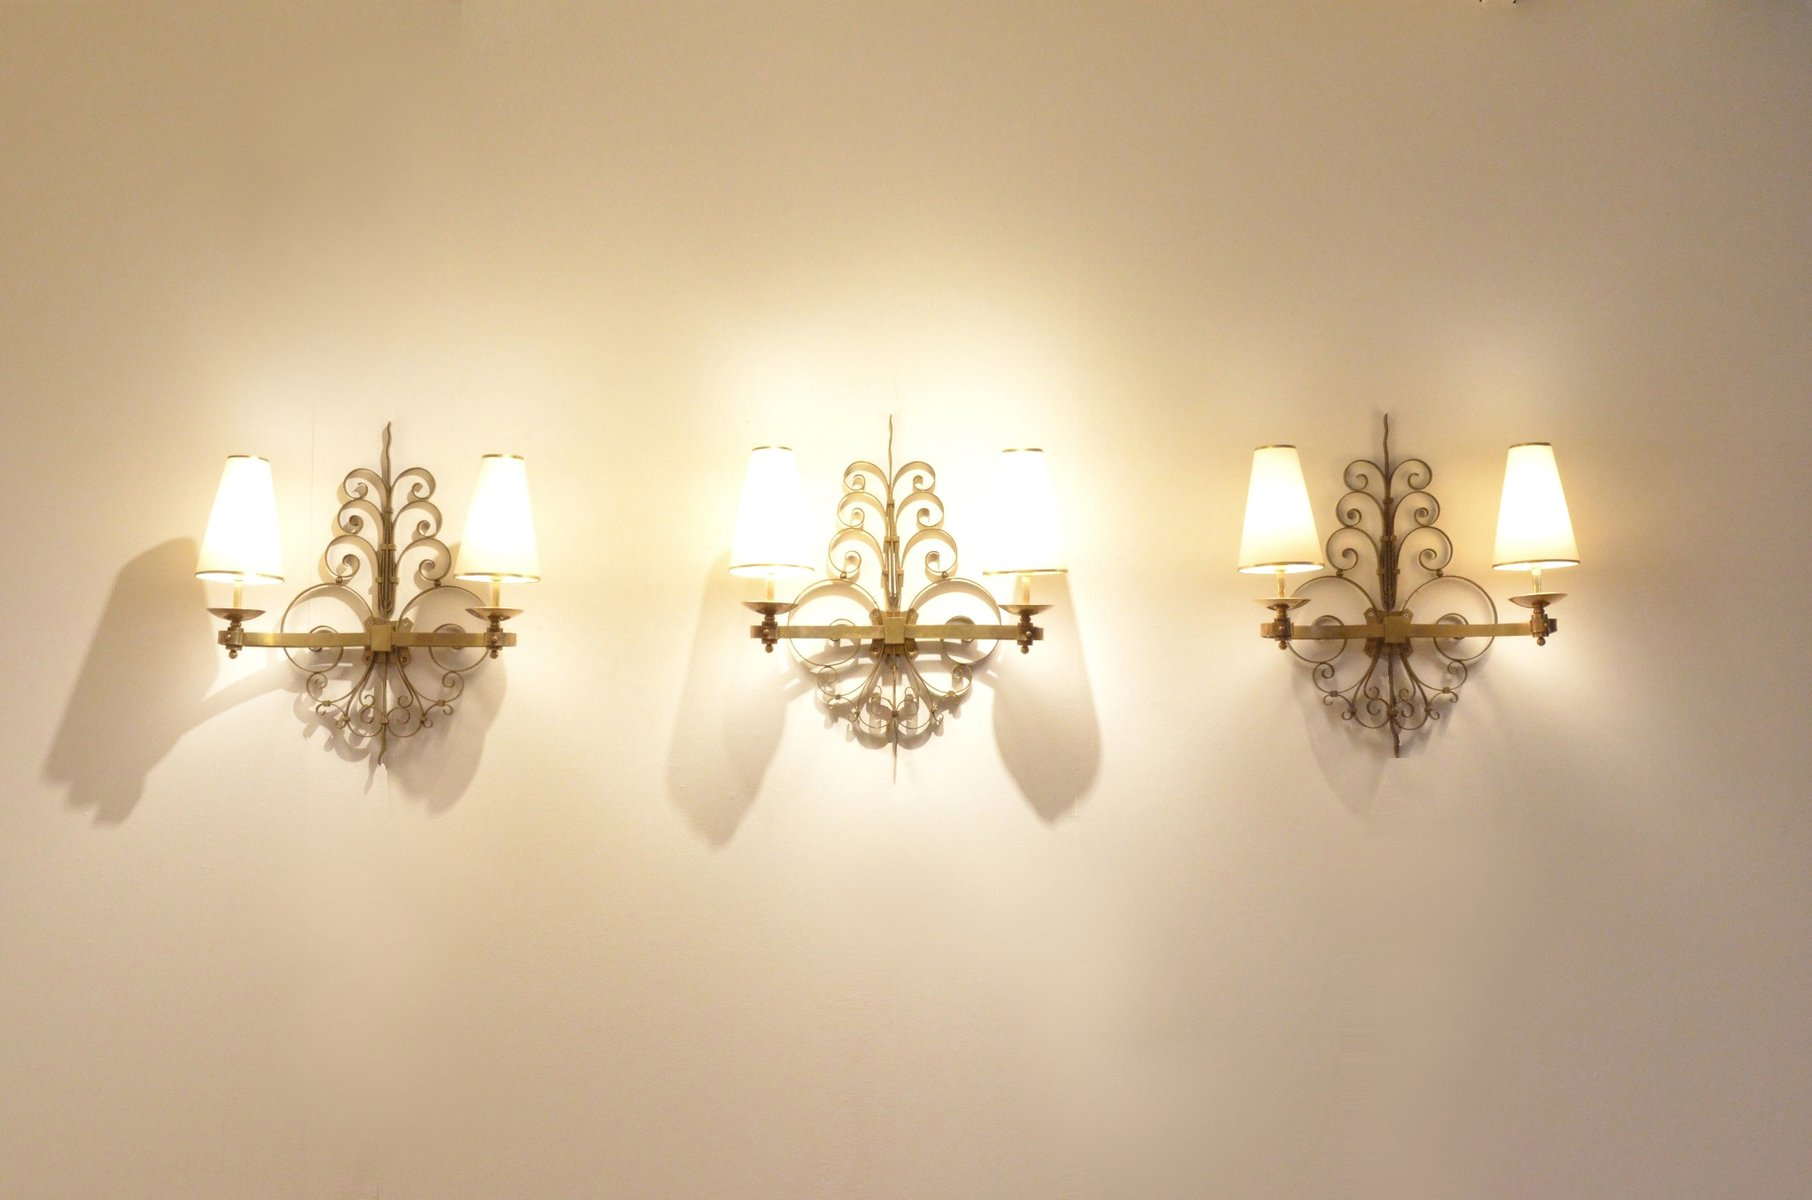 Art Deco Sculptural Brass Wall Sconces 1930s Set Of 3